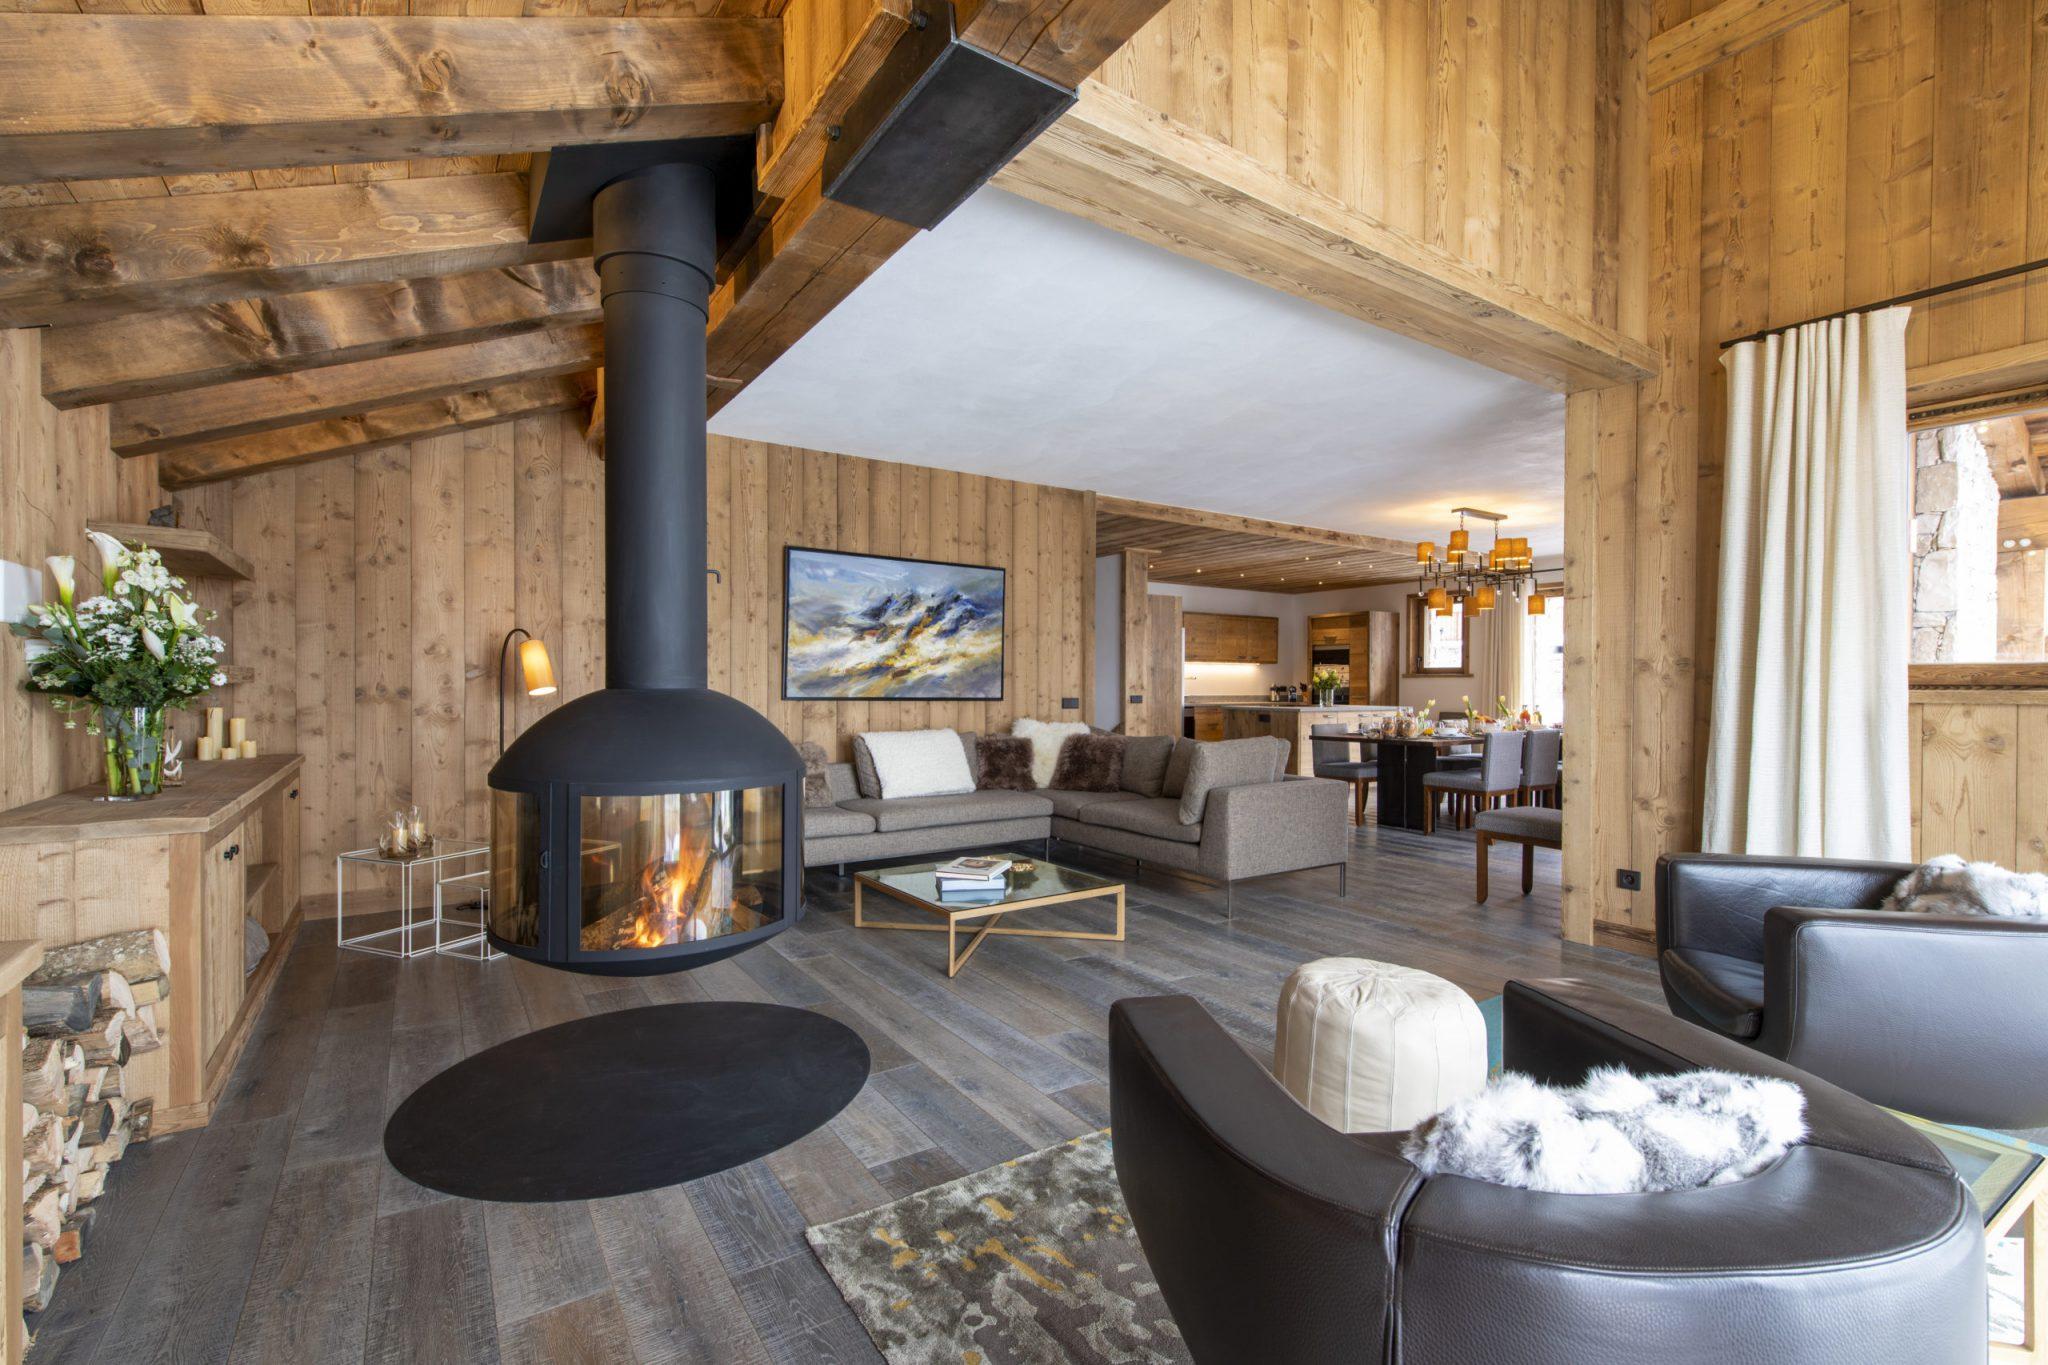 Cala 201 - Fireplace